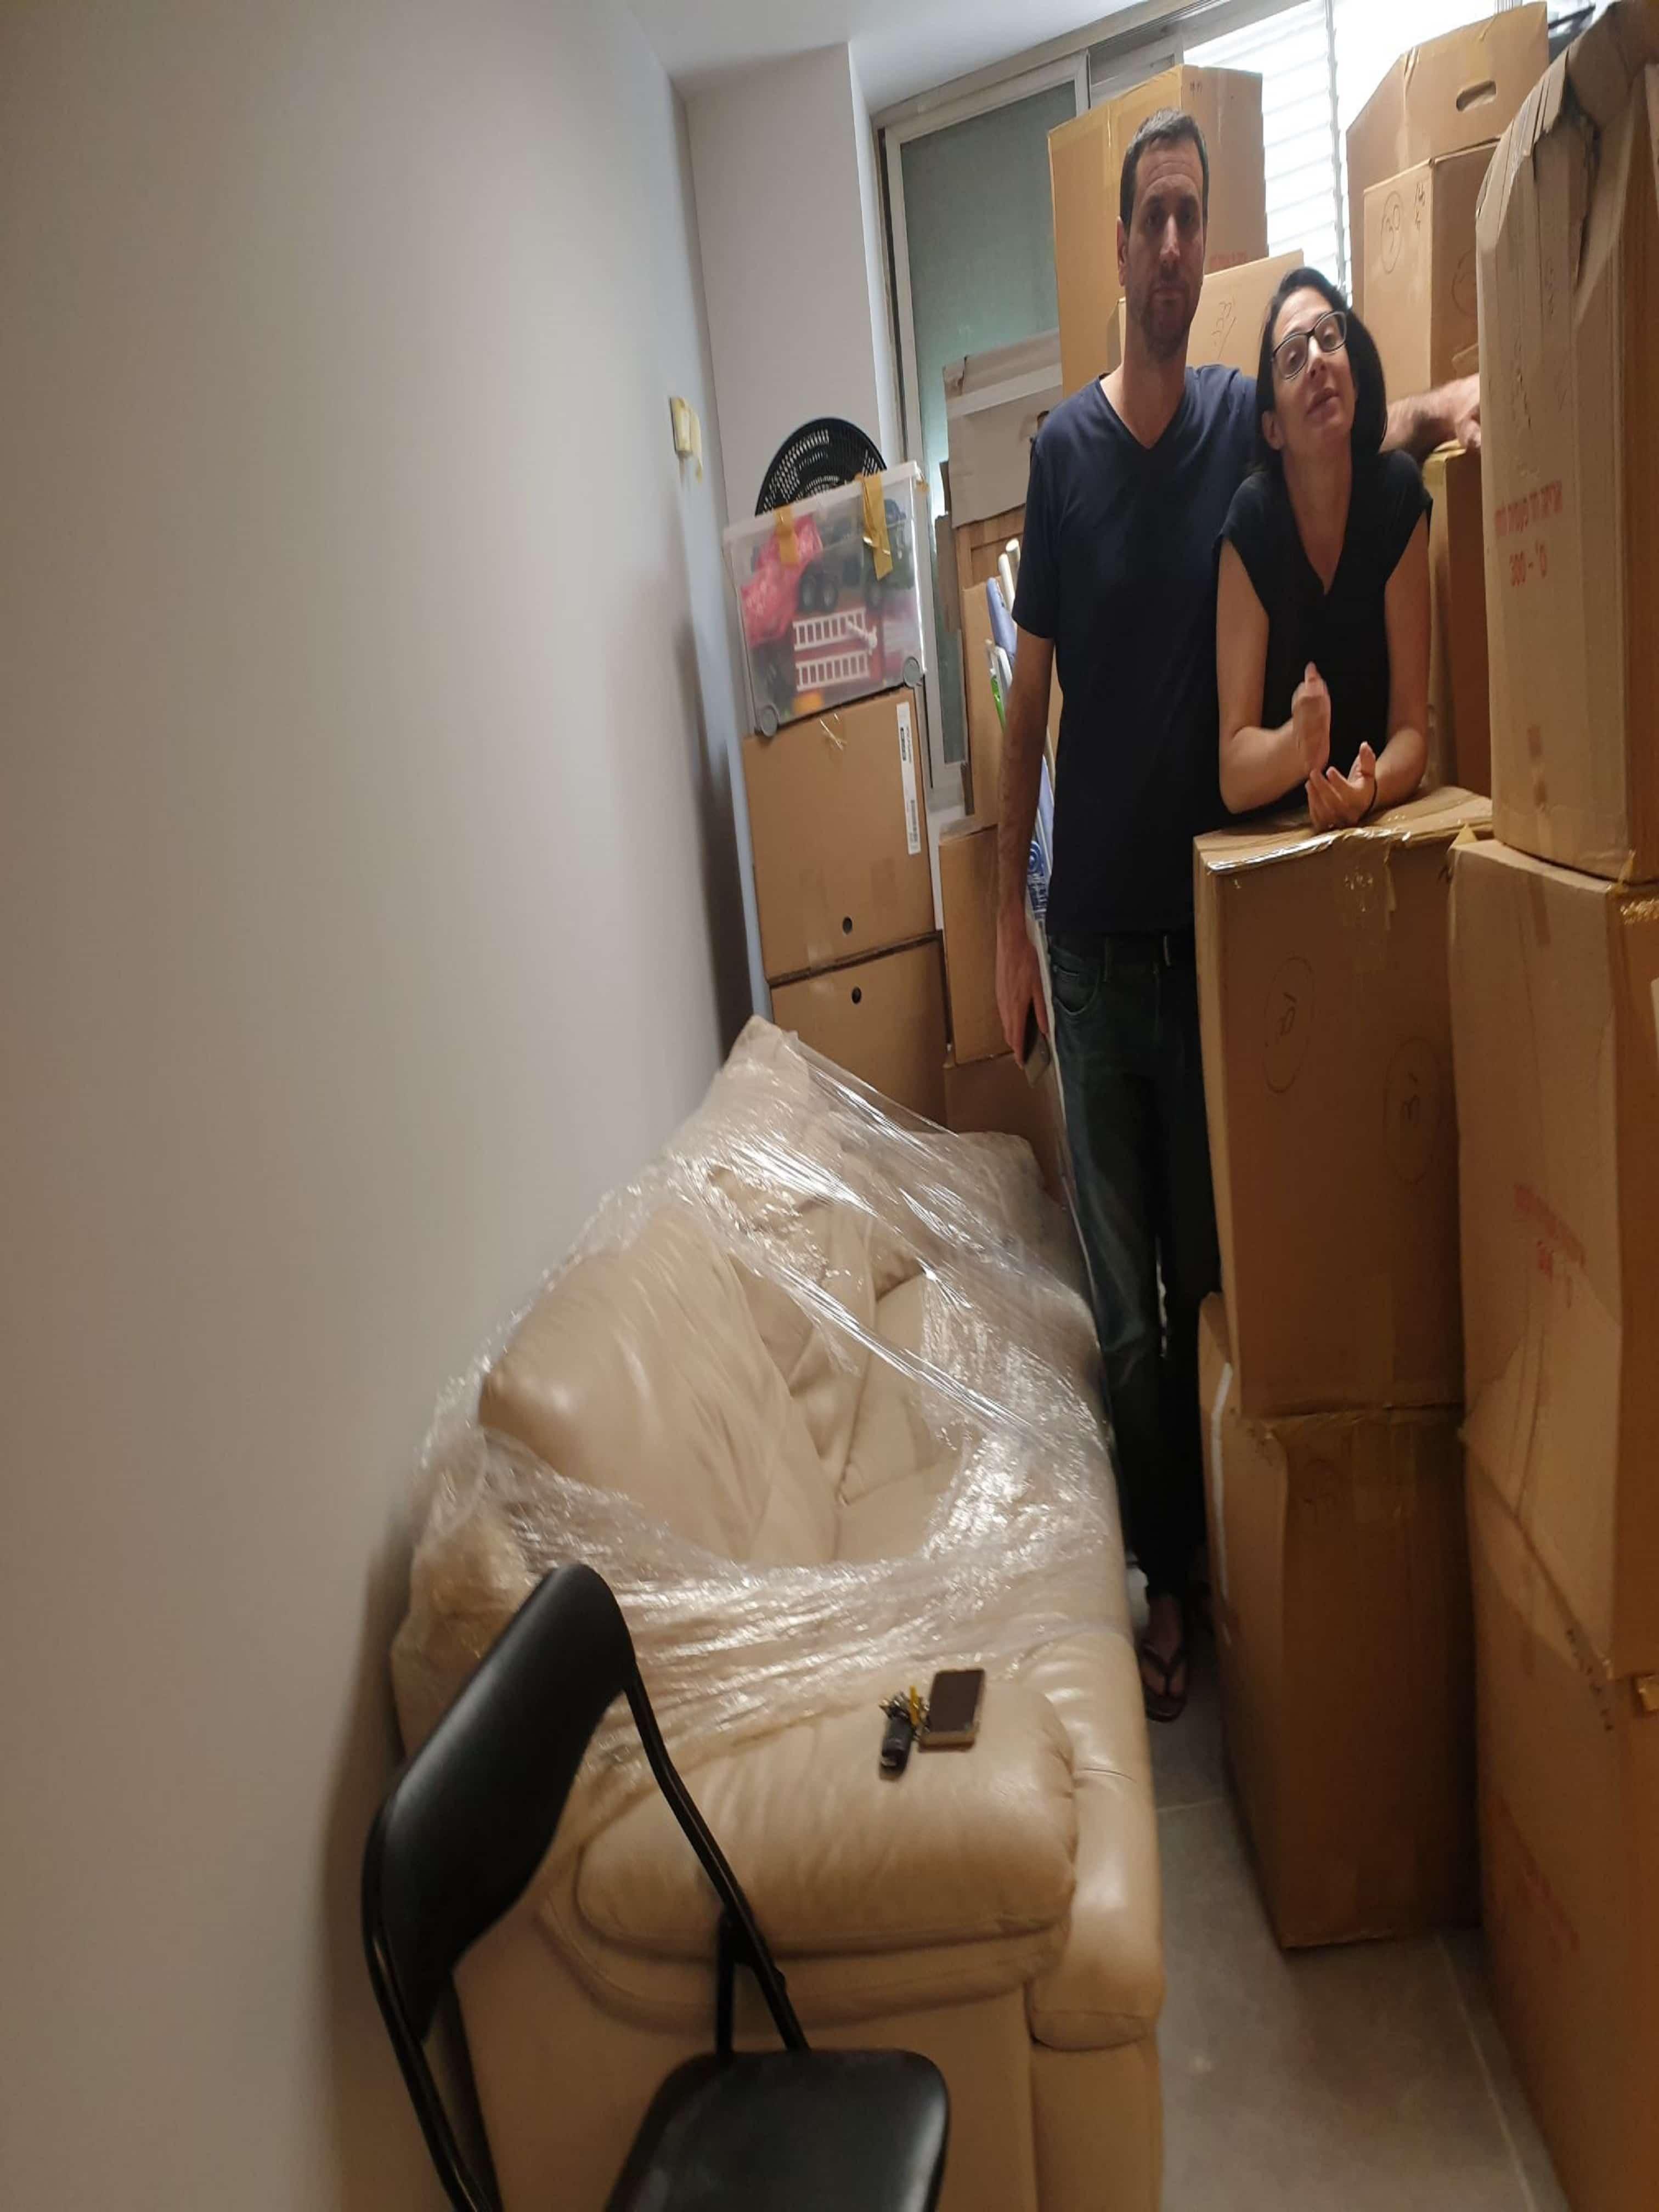 תמונה של לקוחות מרוצים מהשירות שהם קיבלו מחברת באקו הובלות